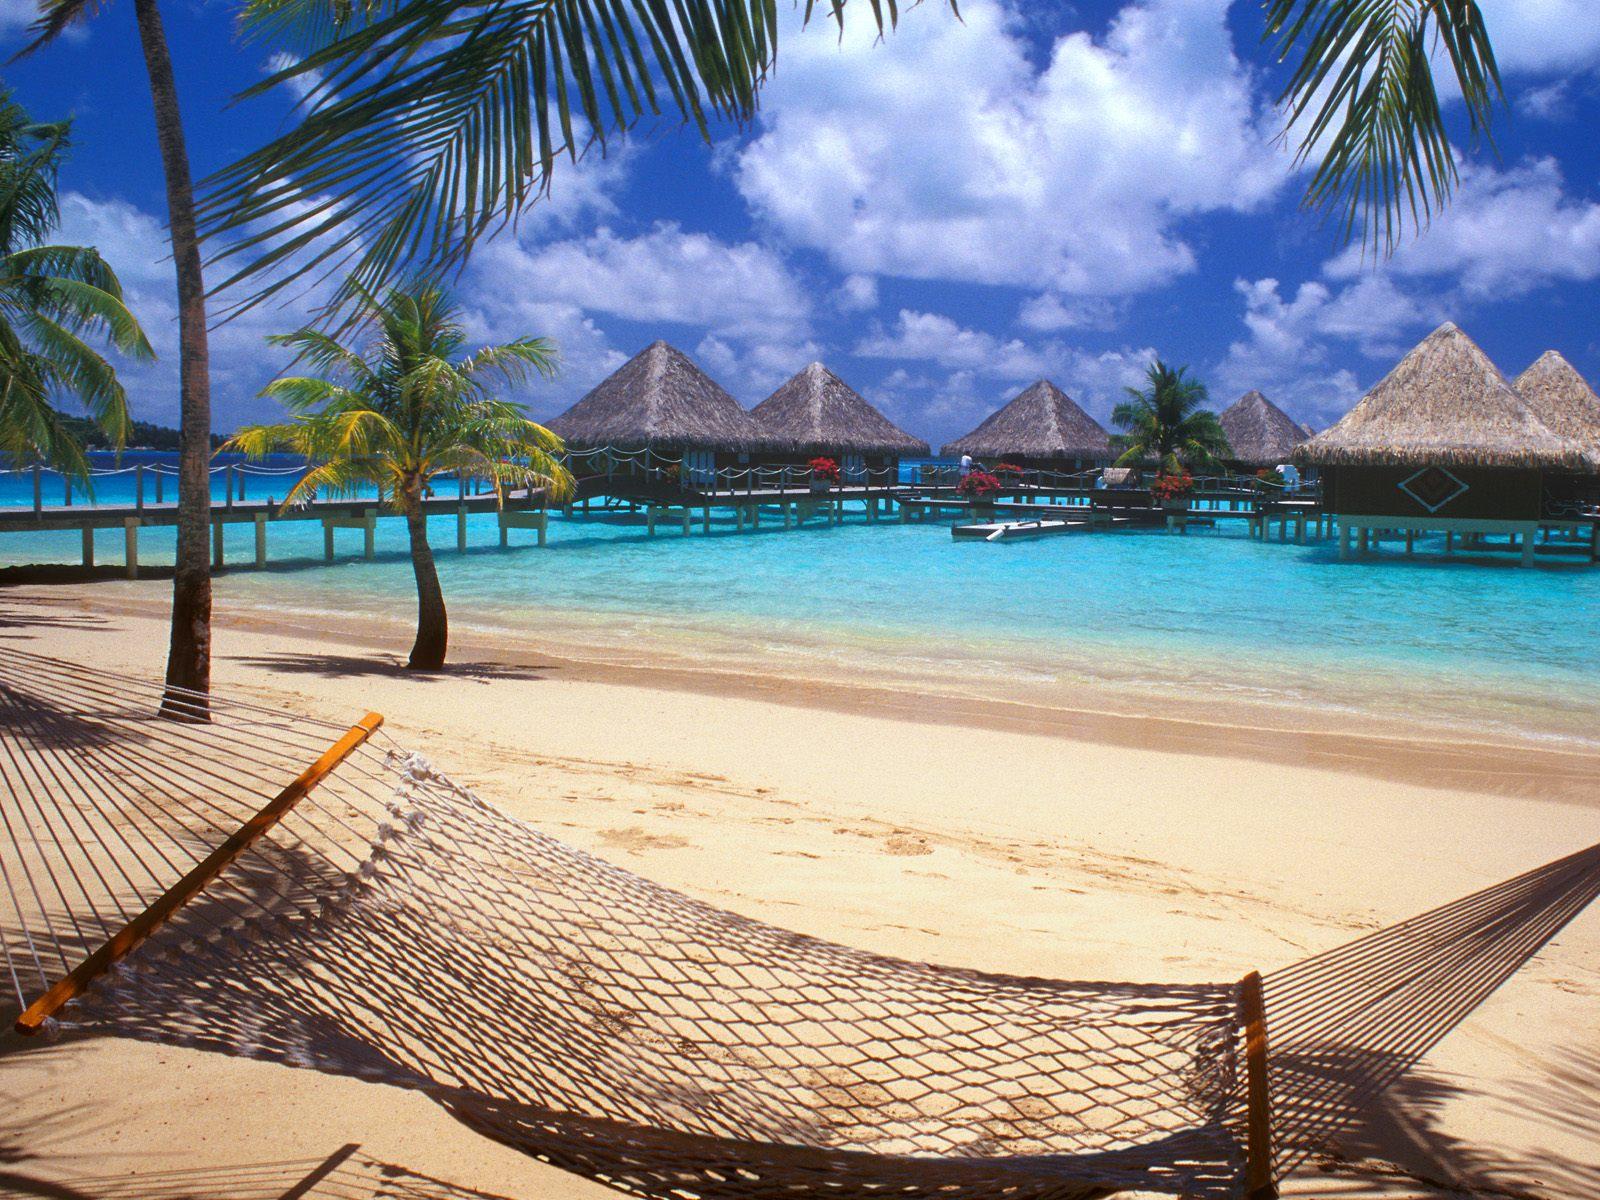 Bora Bora | French Polynesia Nice View | Travel And Tourism